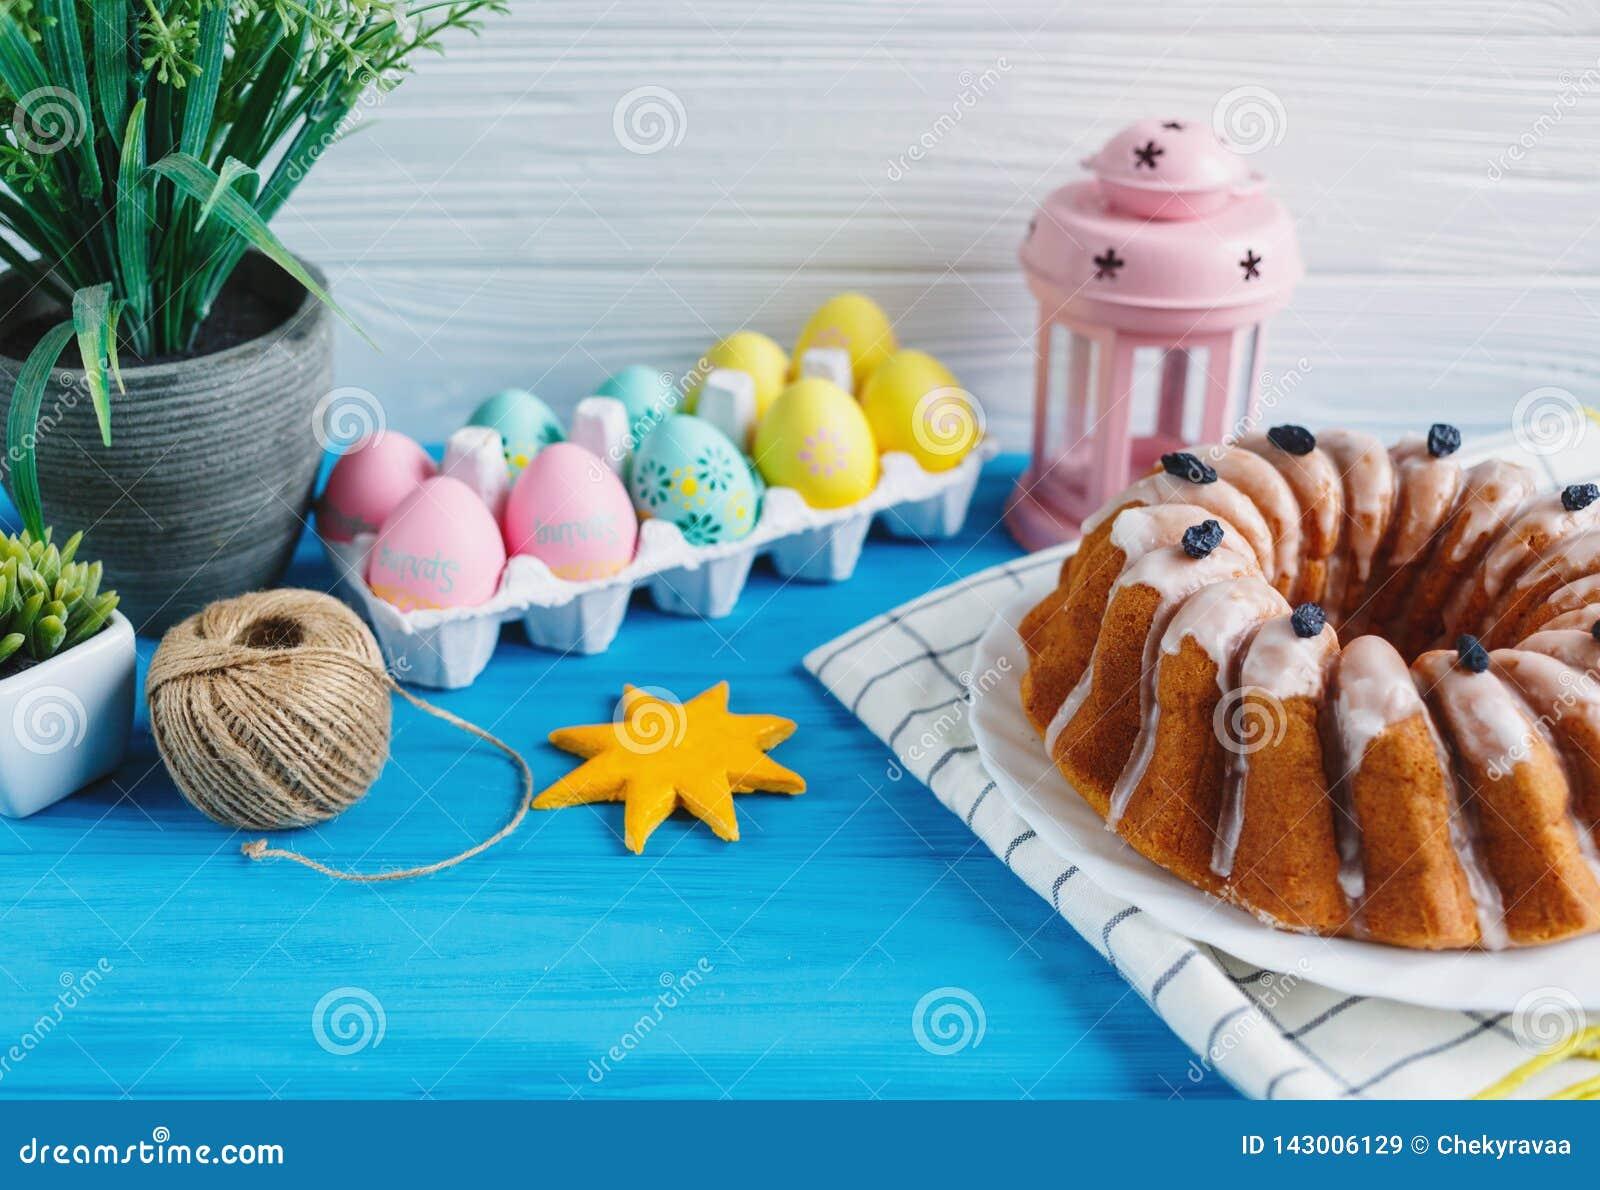 De grote plaat met cake en hand schilderde kleurrijke eieren, op handdoek op blauwe achtergrond Sluit omhoog Decoratie voor Pasen